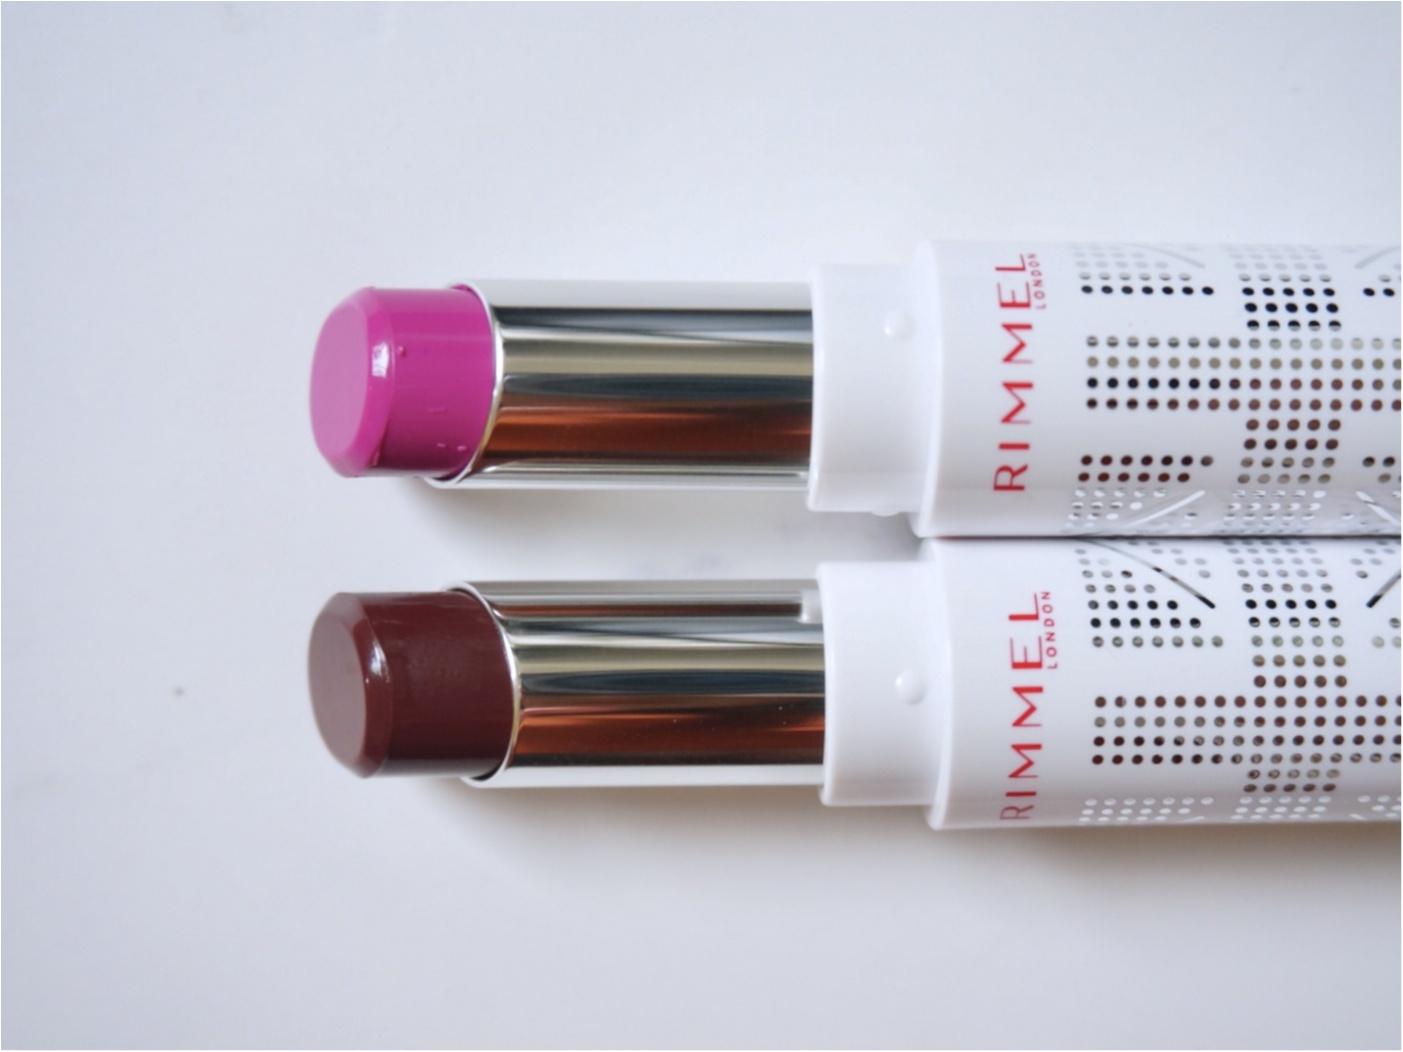 リップティント特集 - 人気ブランドからプチプラまで! 発色、ツヤ、色持ち◎なリップティントは?_32